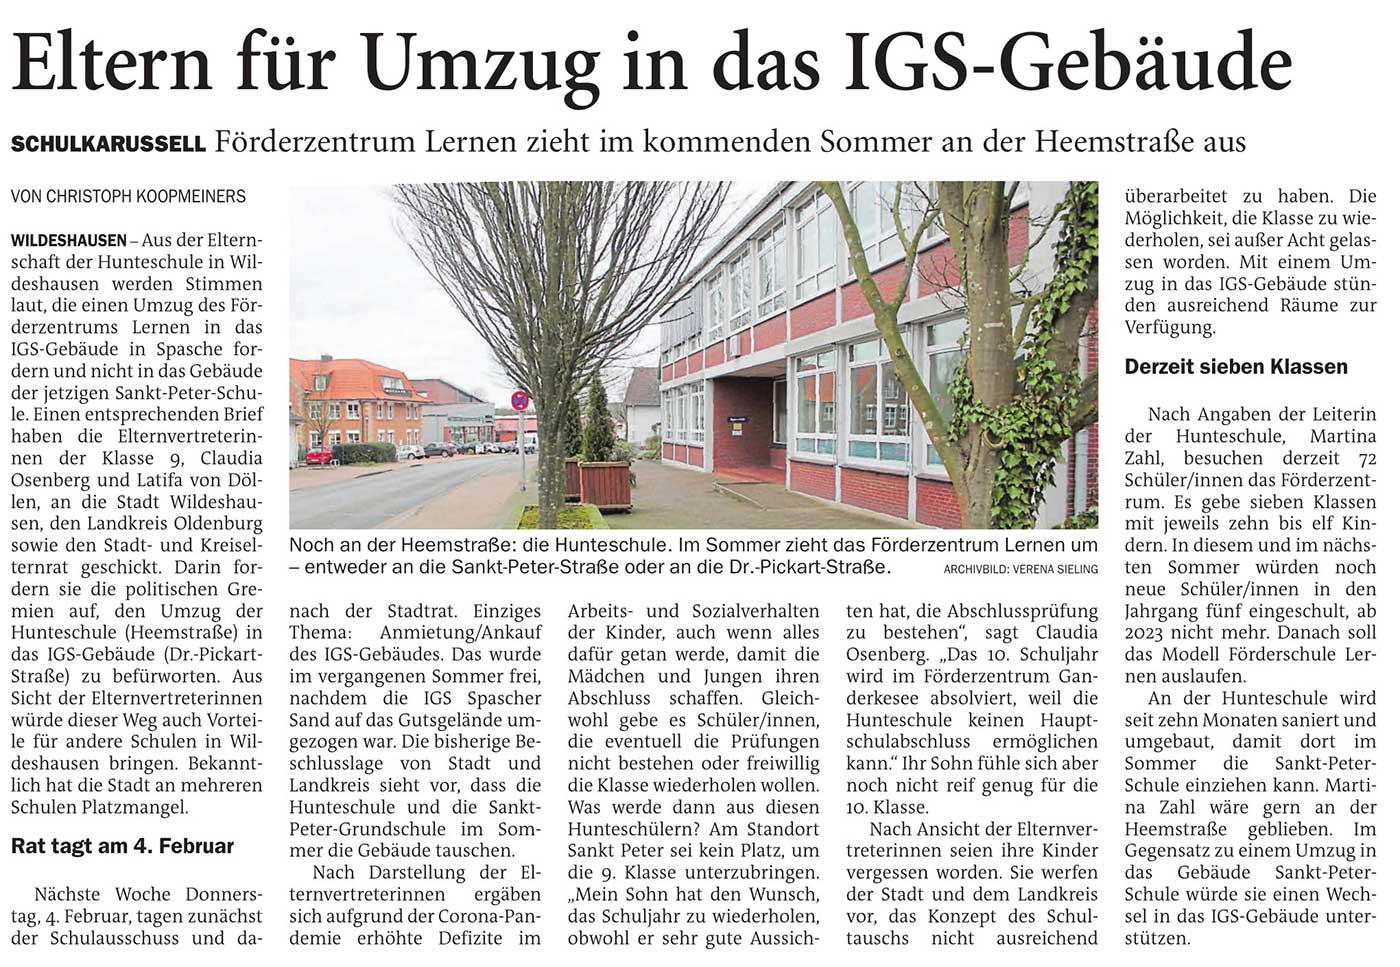 Eltern für Umzug in das IGS-GebäudeSchulkarussell: Förderzentrum Lernen zieht im kommenden Sommer an der Heemstraße ausArtikel vom 29.01.2021 (NWZ)